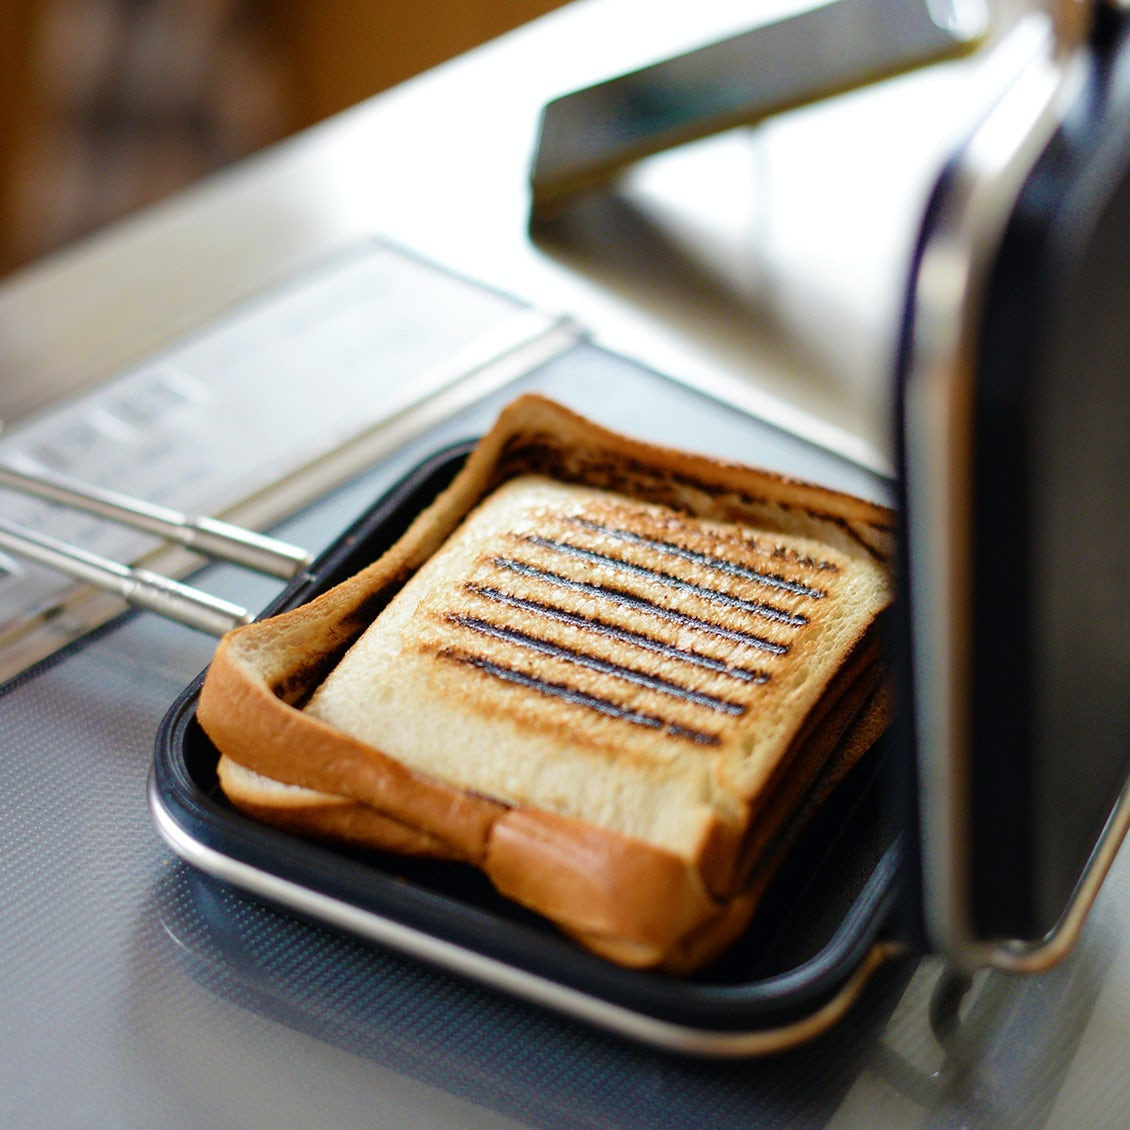 【新商品】バイヤー全員が納得!一度使ったら手放せない、家事問屋ホットパンの登場です。